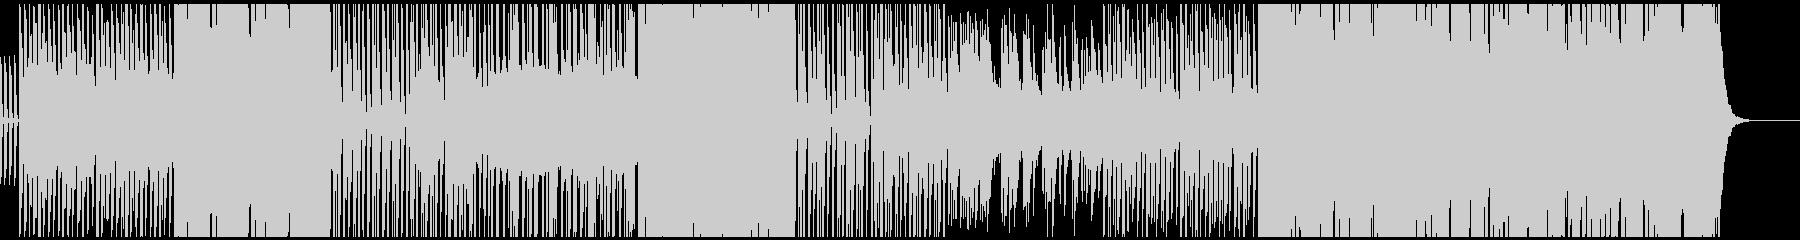 EDM系のPOPをイメージしました。の未再生の波形